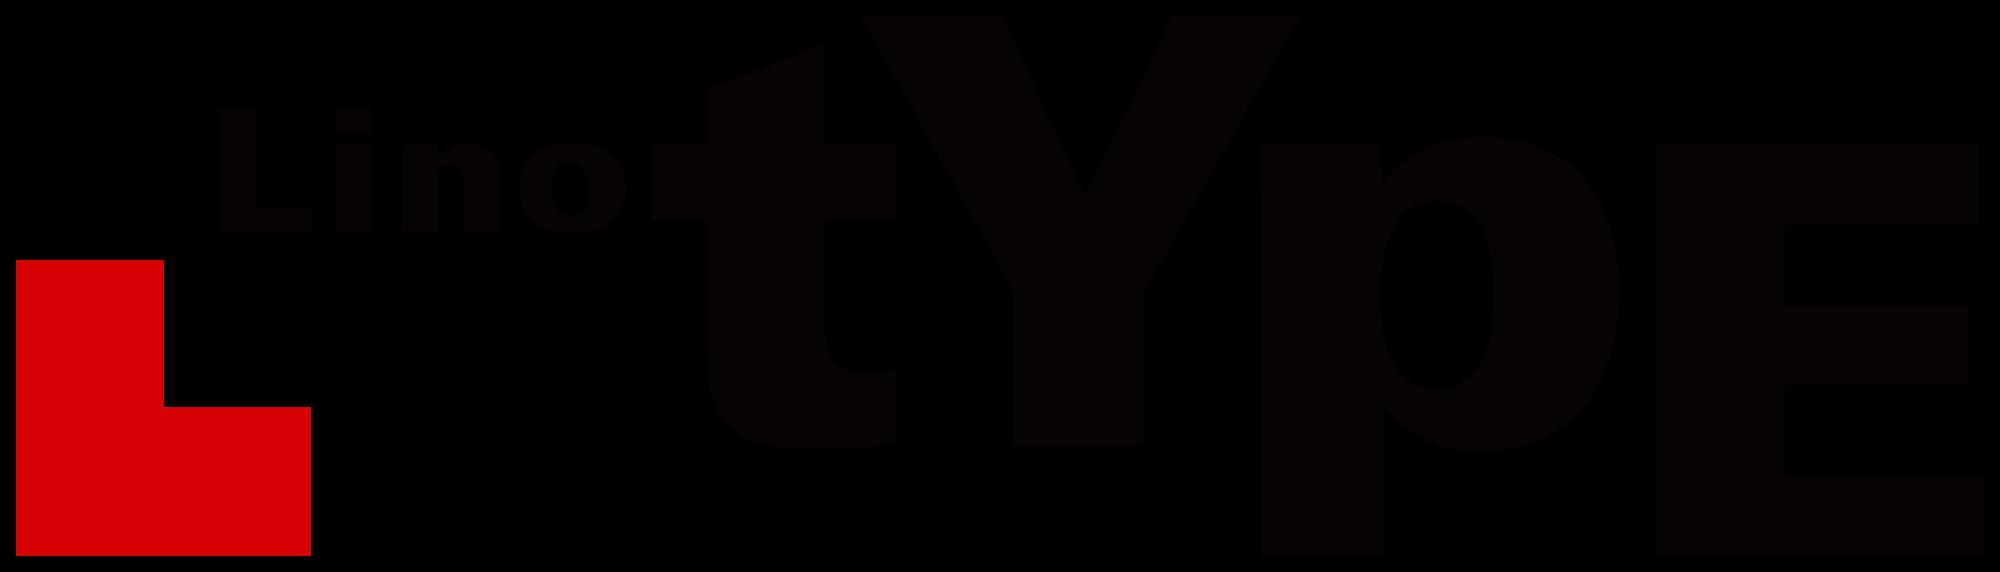 Linotype_svg